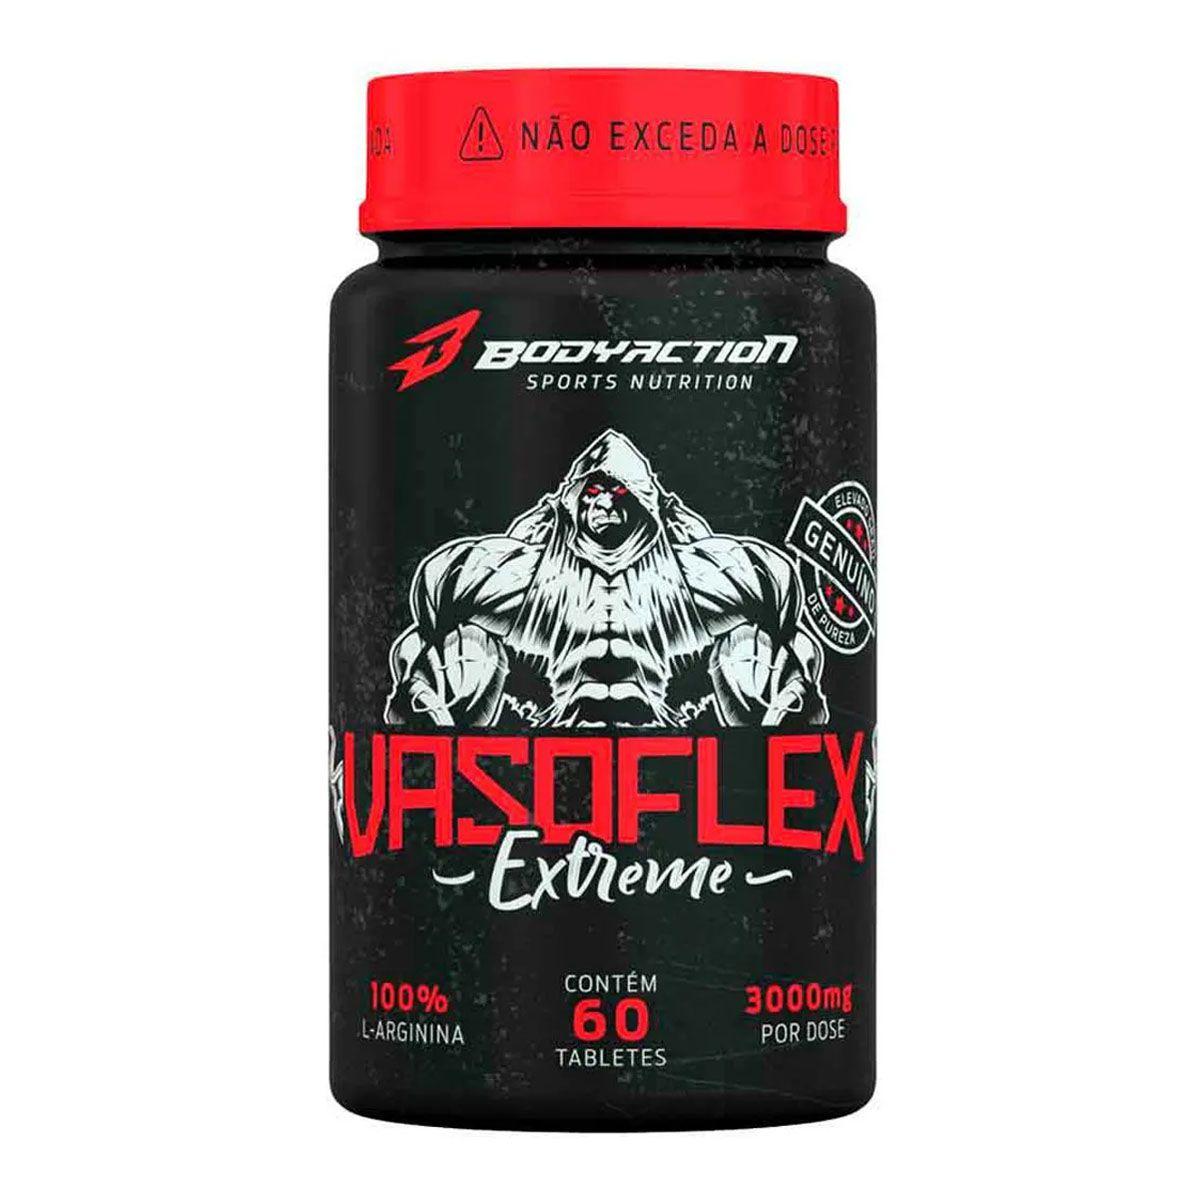 Vasoflex 60 Tabletes - Body Action